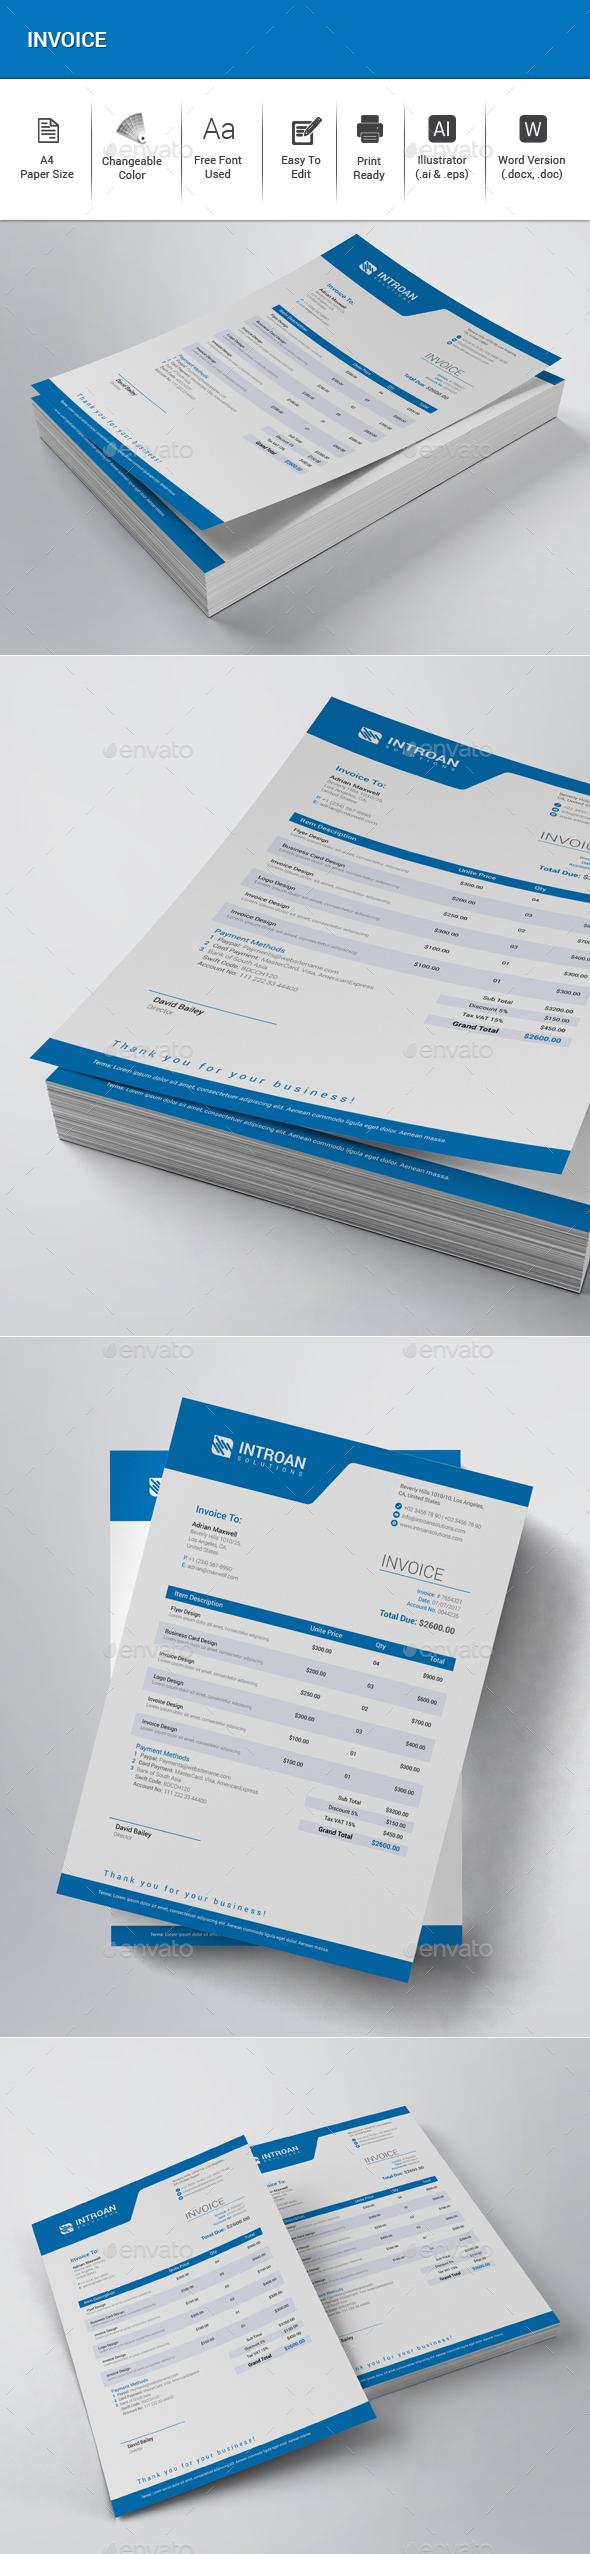 GraphicRiver Invoice 20308588